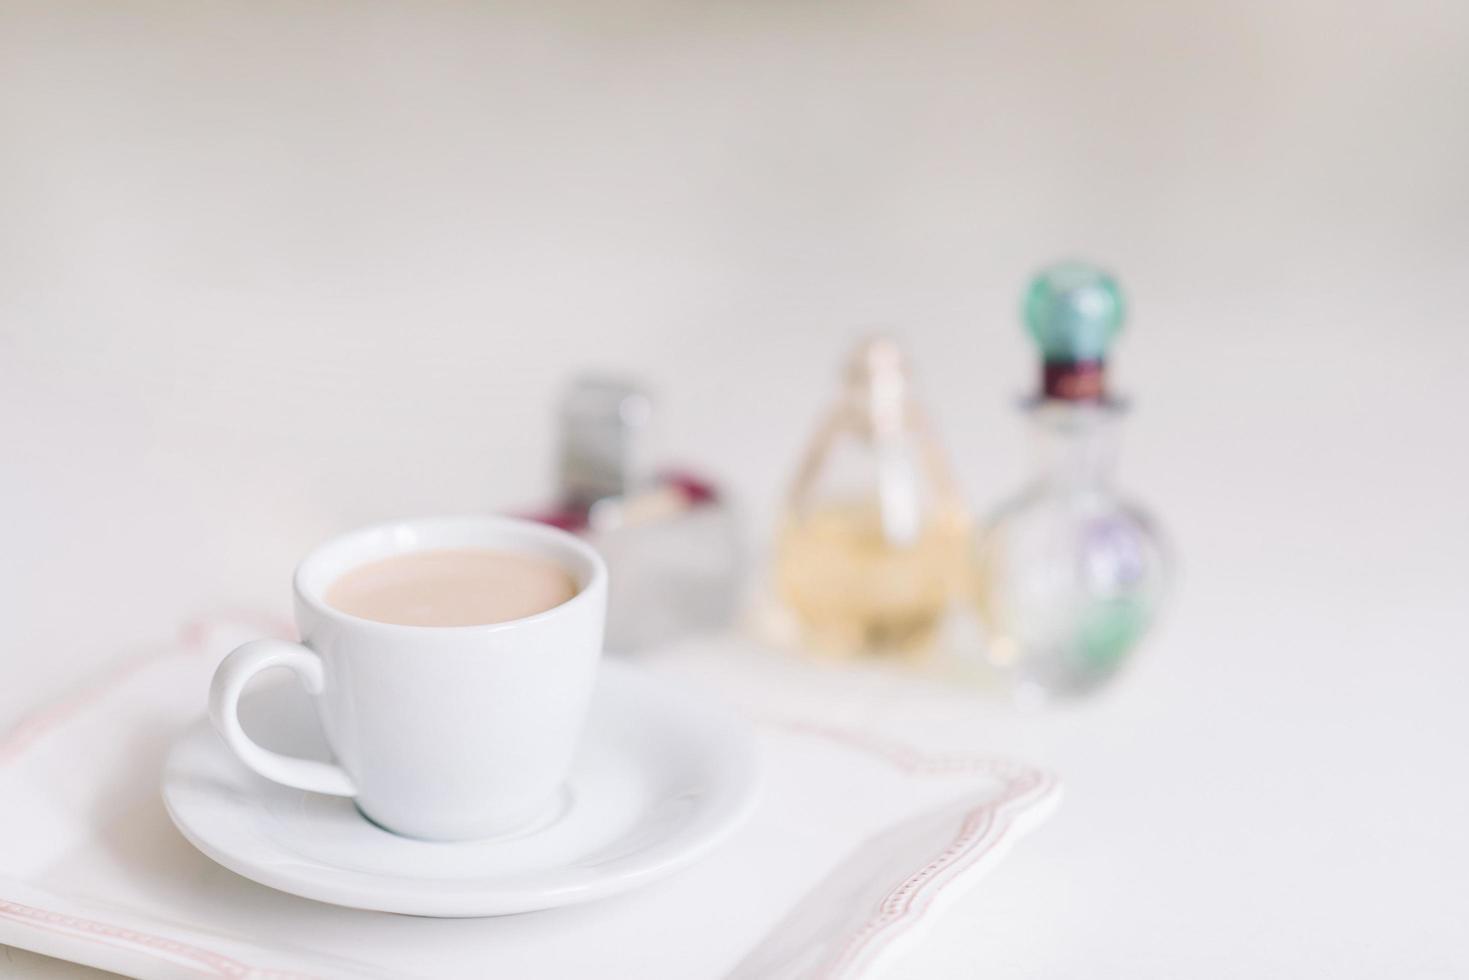 Taza blanca con café en un plato de porcelana en el fondo de los frascos de perfume. foto